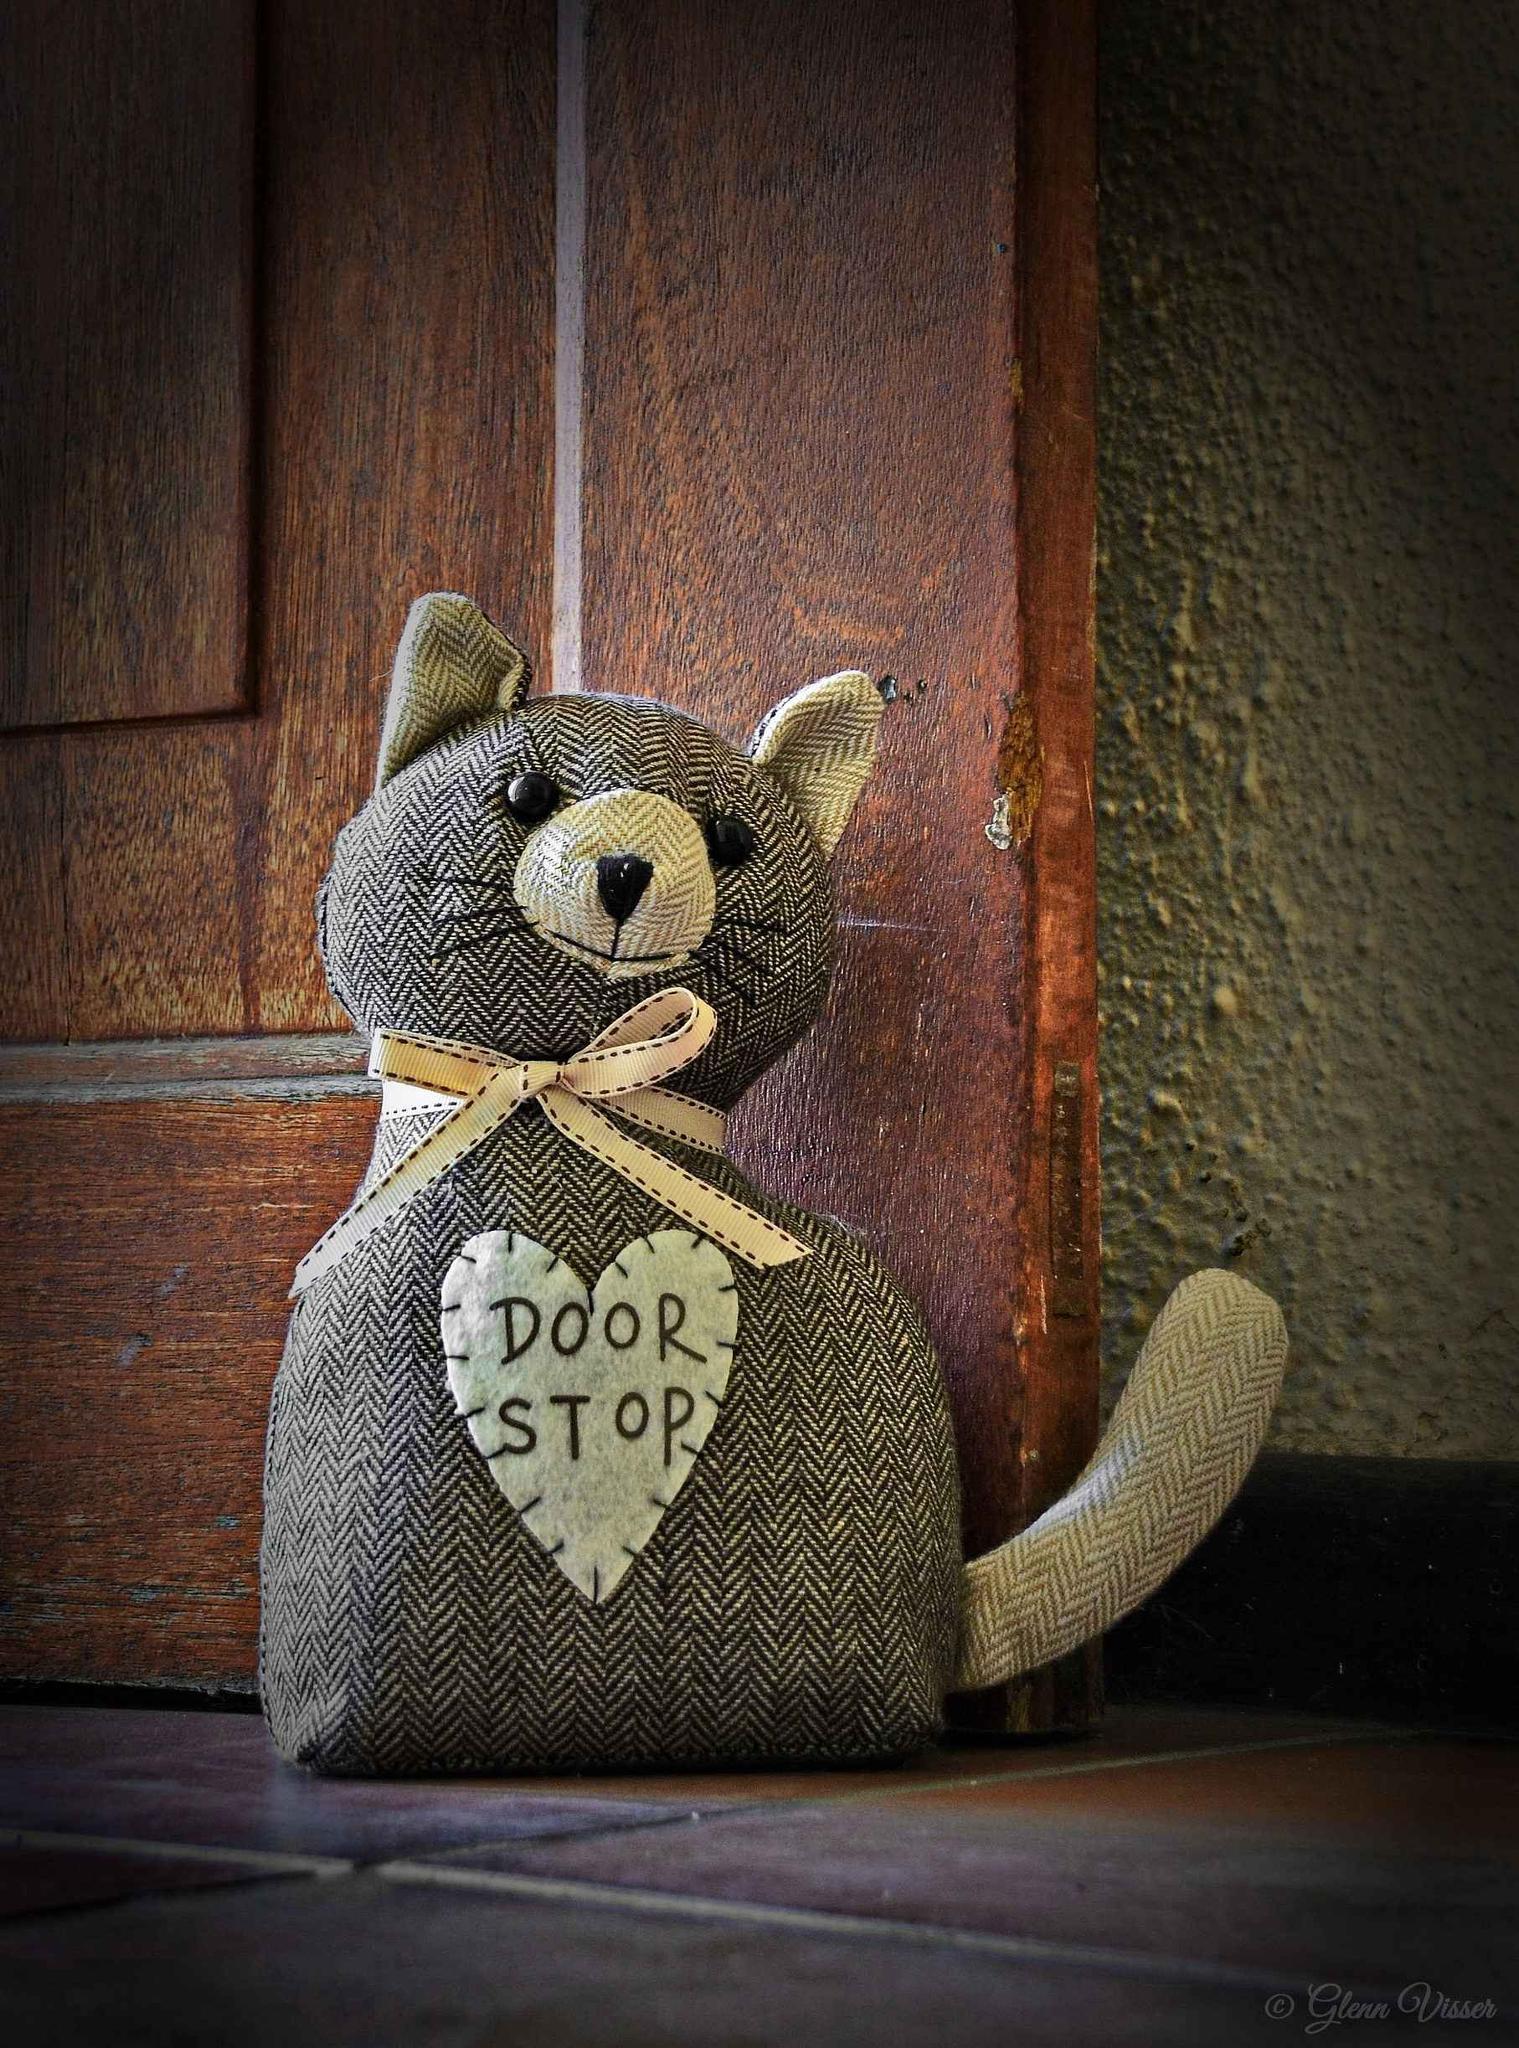 Door Stop by Glenn Gerard